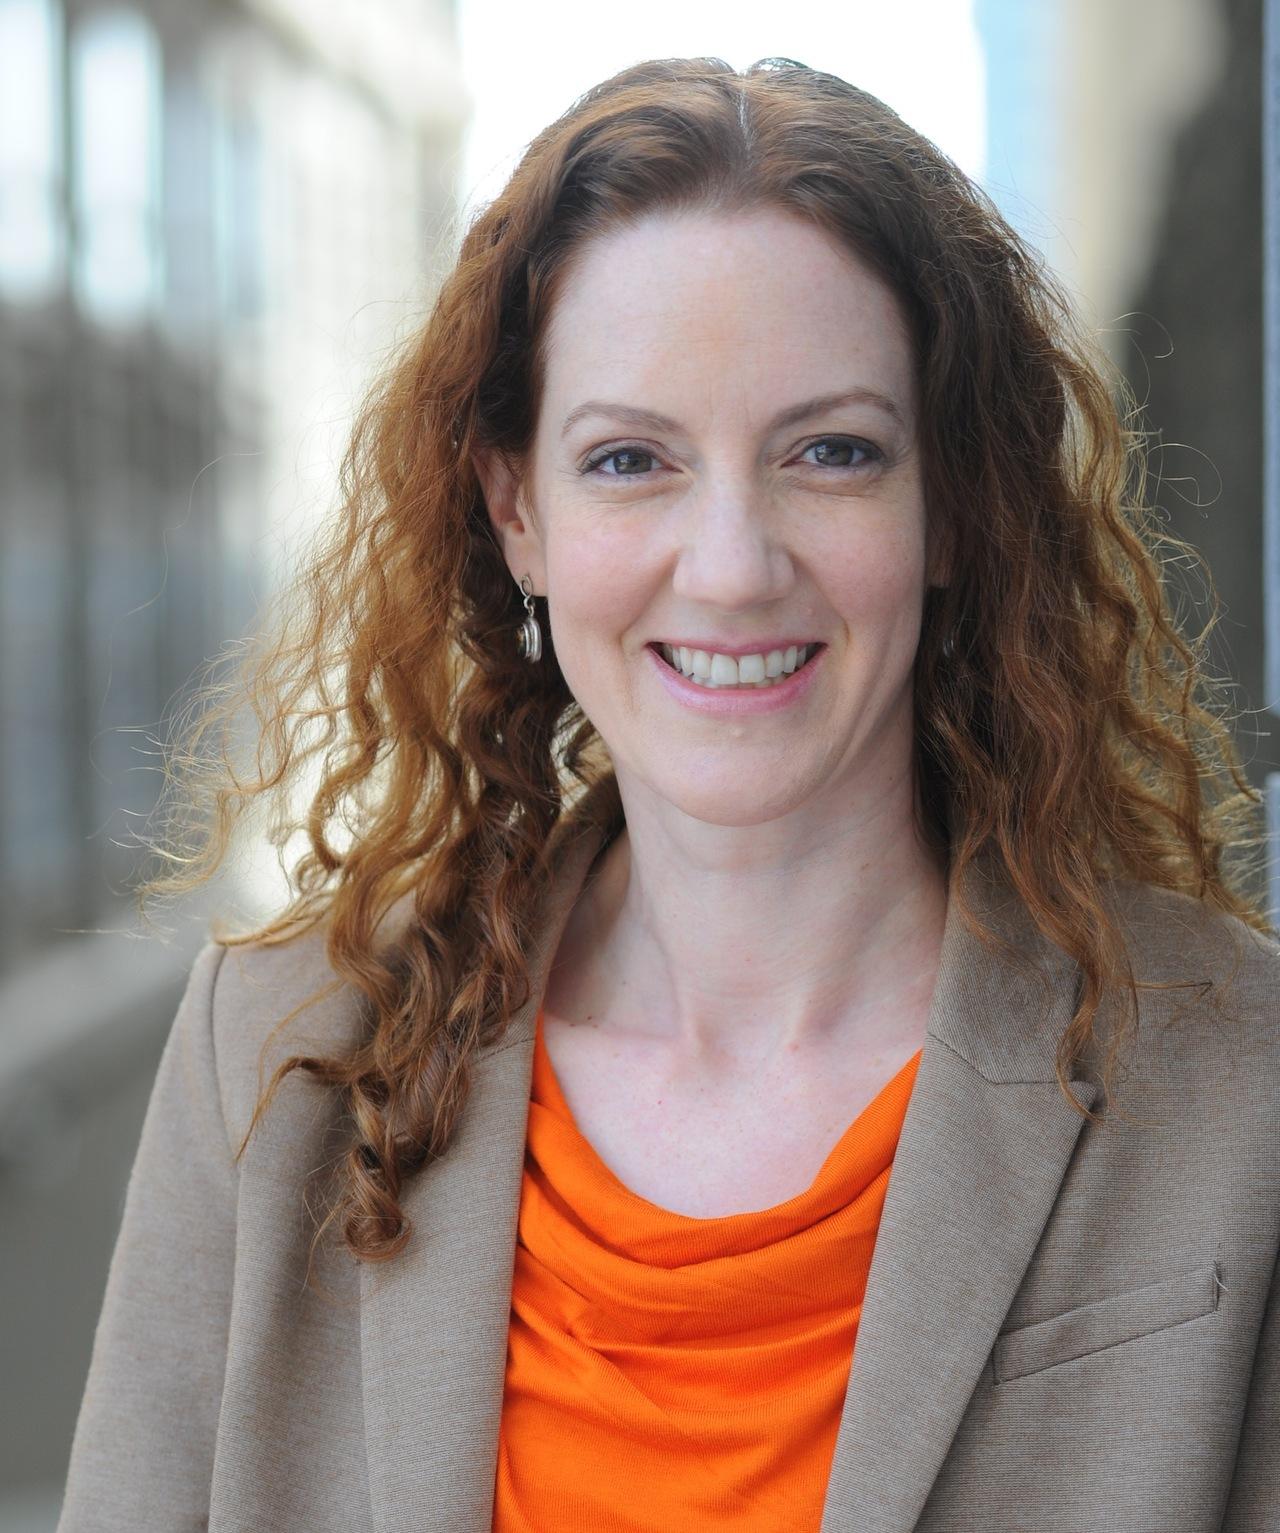 Sarah granger headshot